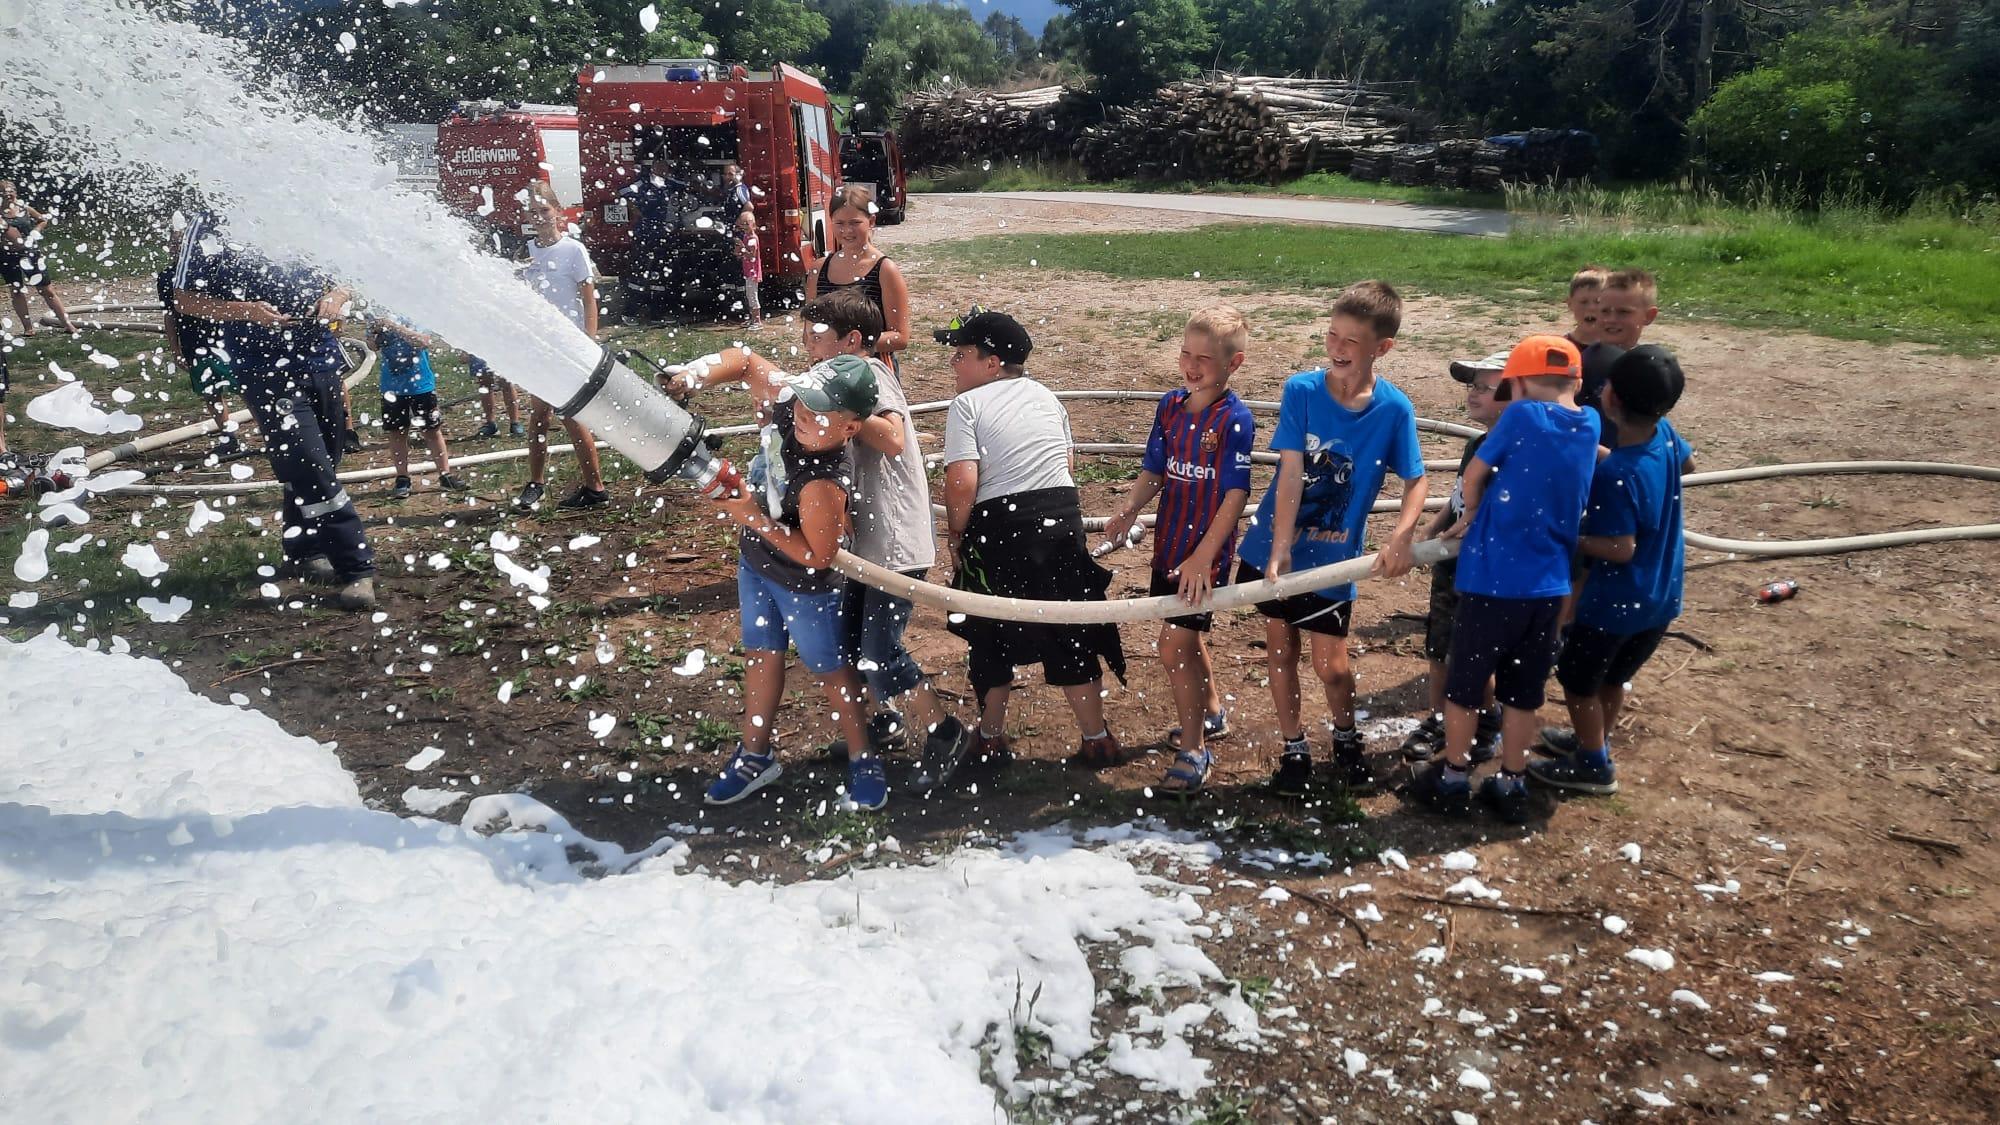 2021-07-23 - Kinder-Ferienprogramm (16)